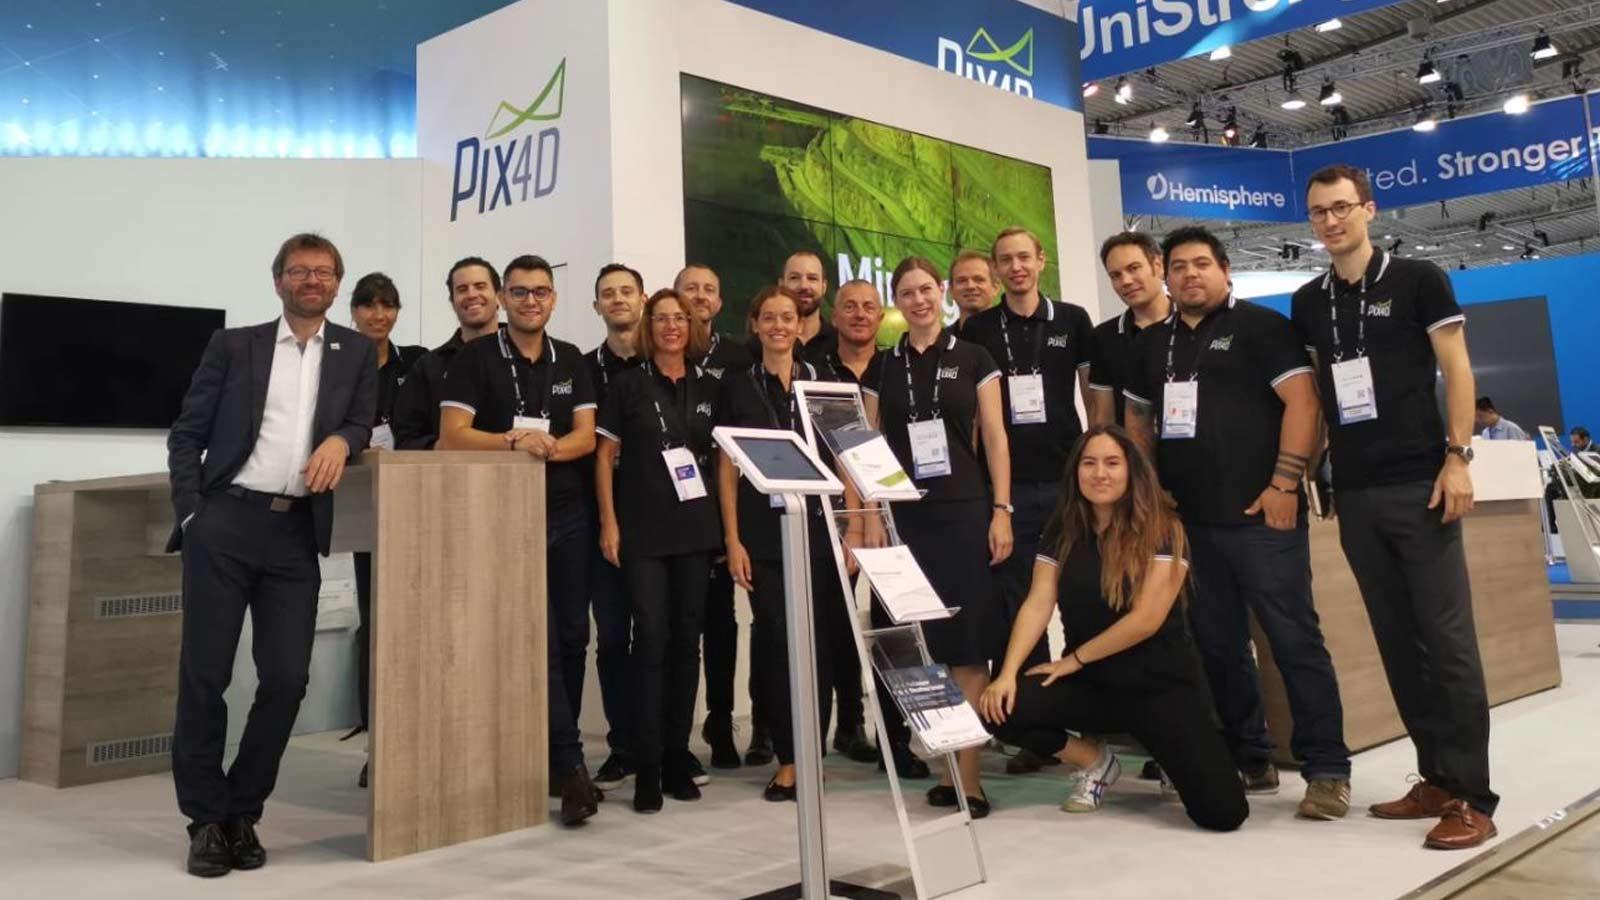 The-Pix4D-team-at-intergeo